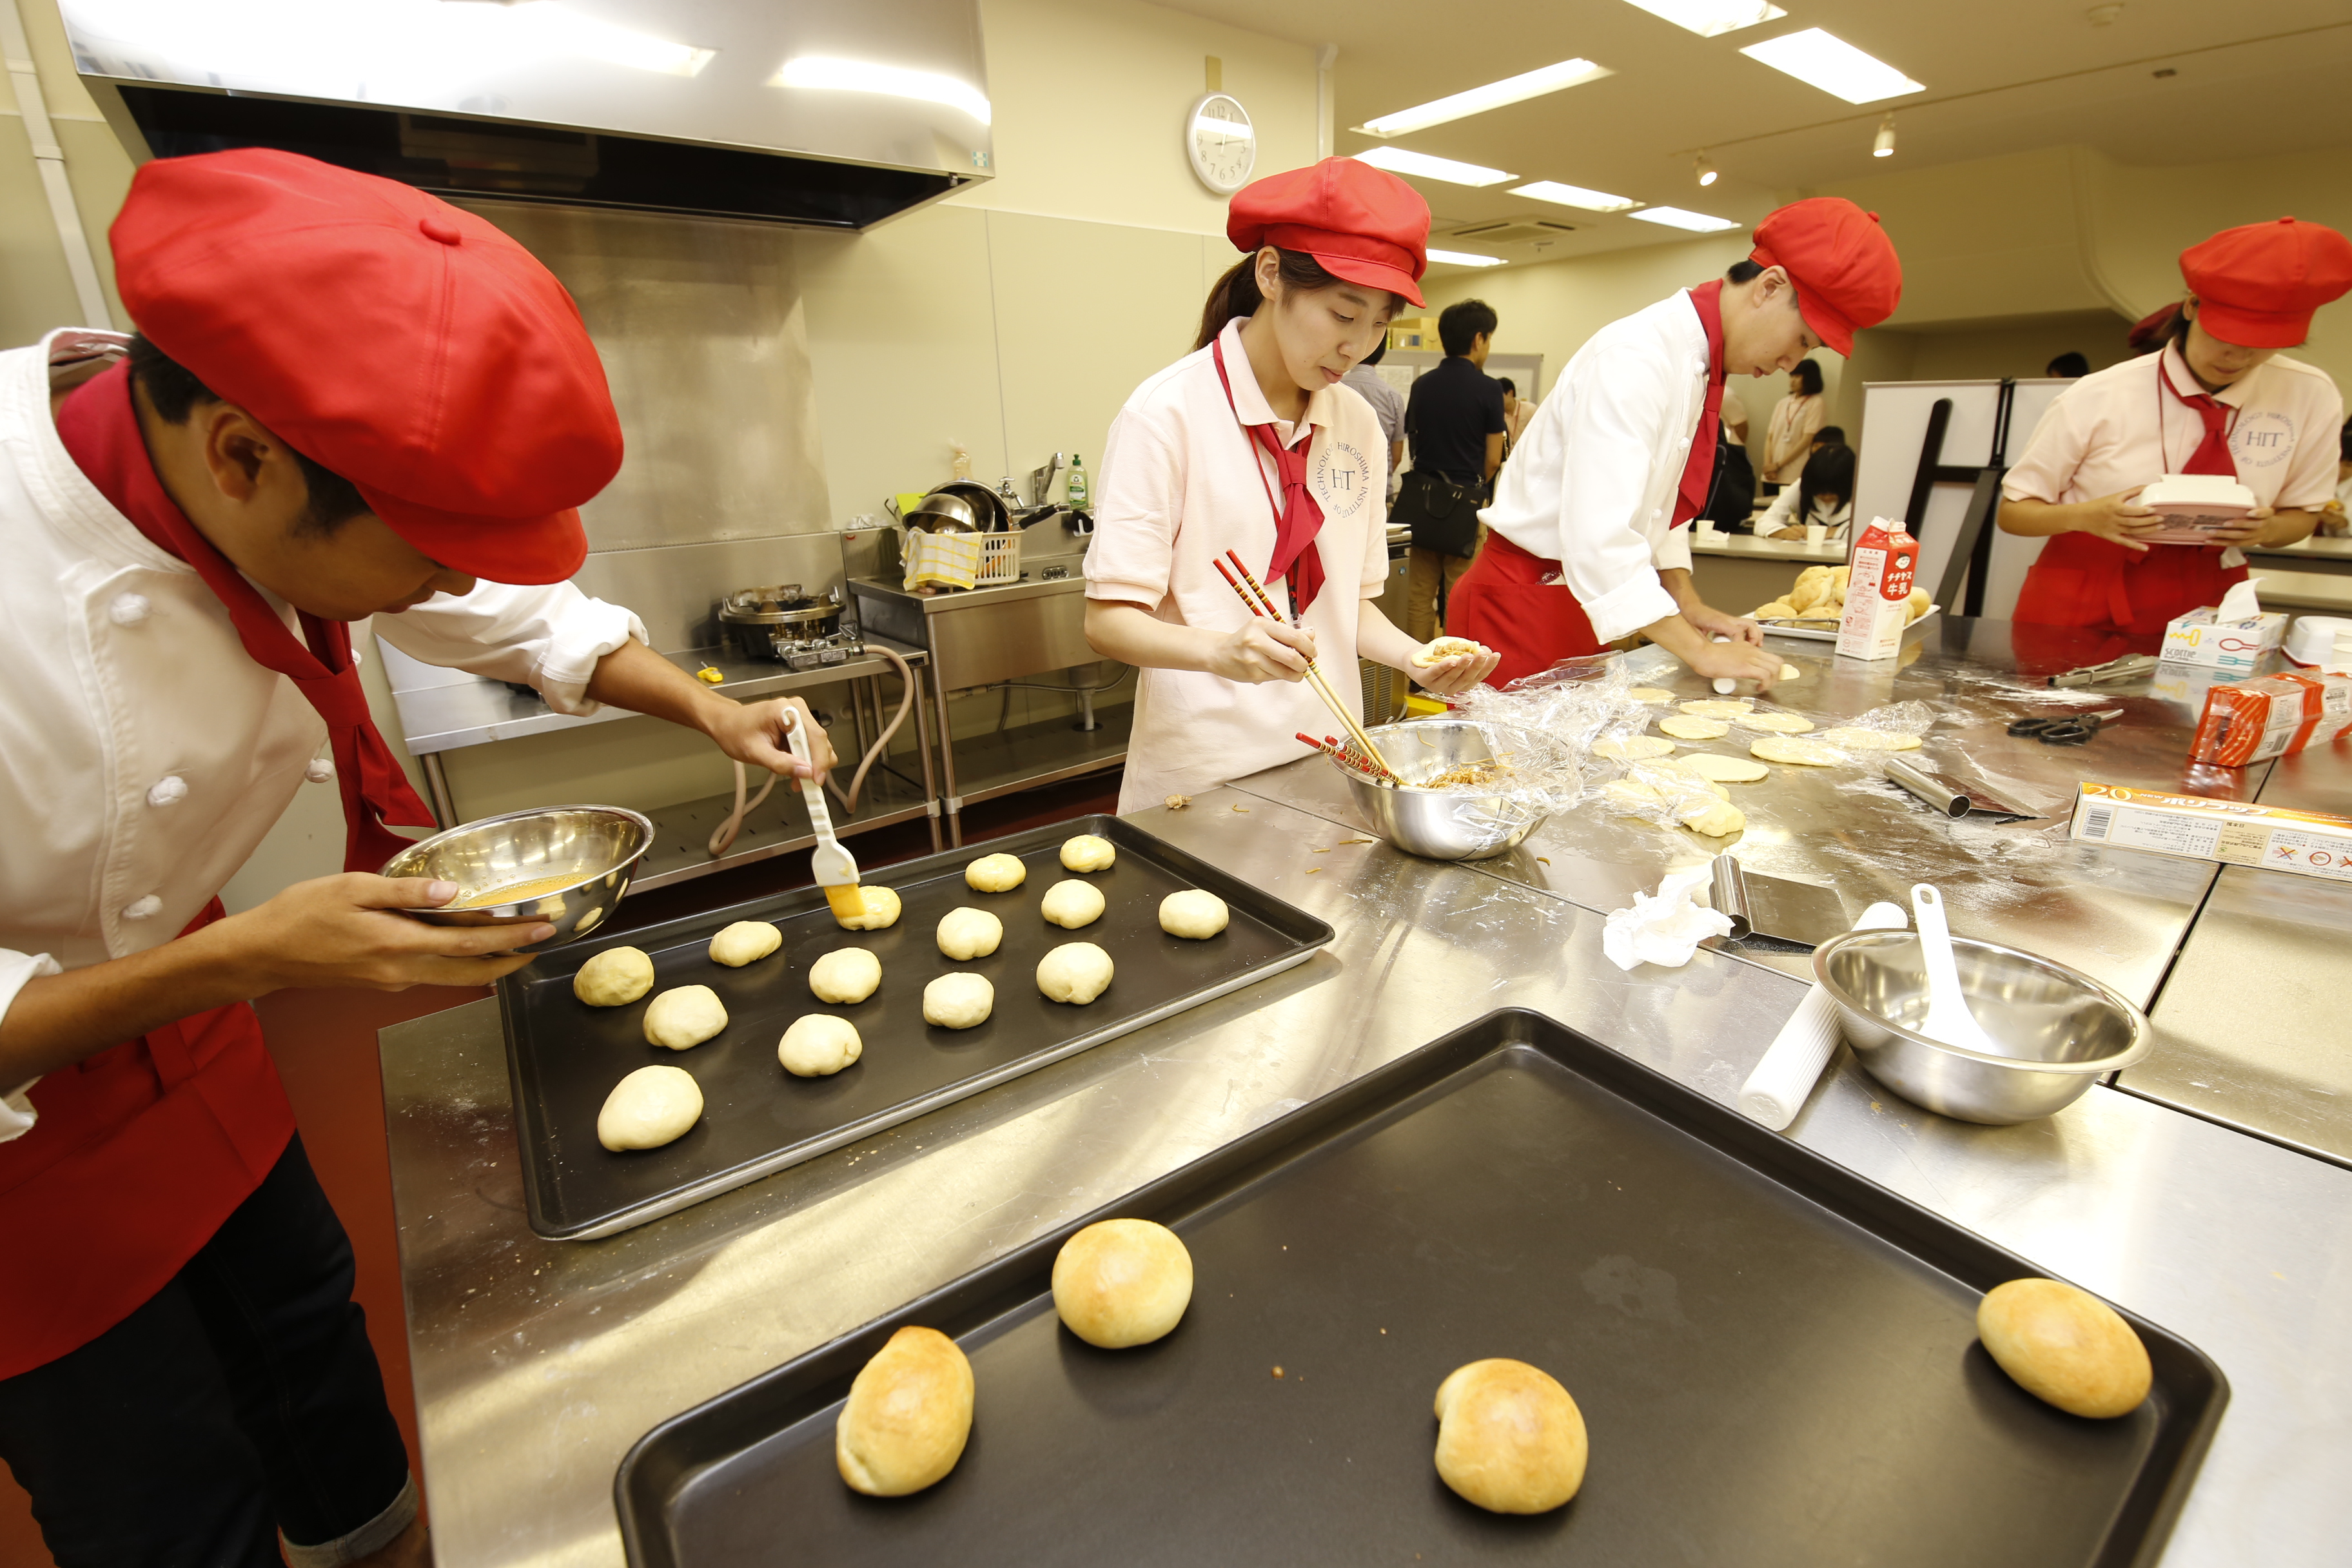 食品実験棟では、業務用オーブンを使用して発酵食品の一つである「パン」を学生が実演製作。酵母の働きや食品製造設備について理解を深めることができます。(食品生命科学科)